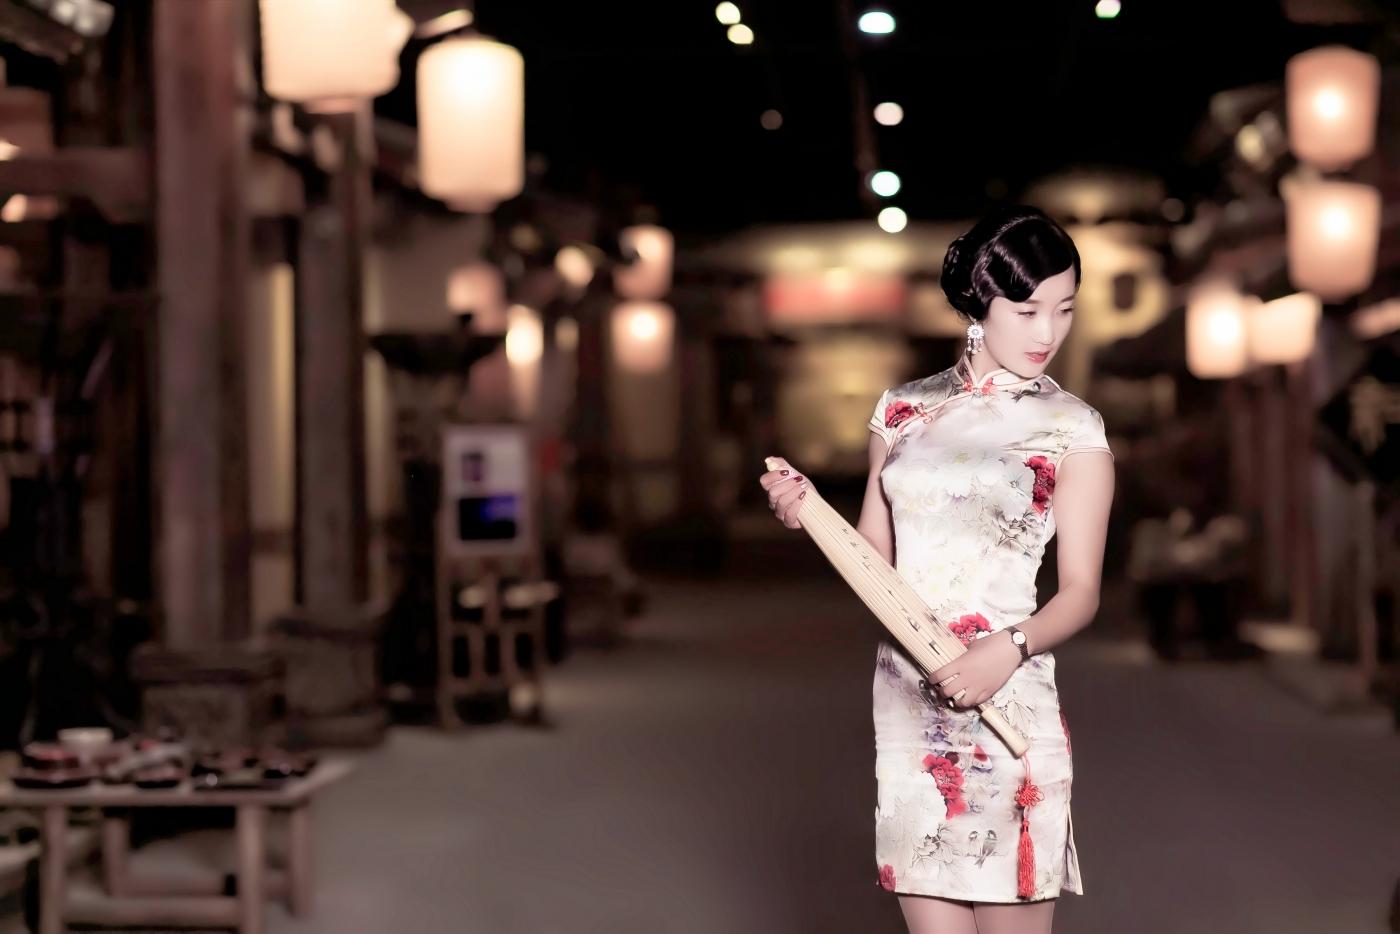 当临沂女孩孔孙懿凡遇到旗袍 一样会像王的女人一样高贵典雅 ..._图1-15